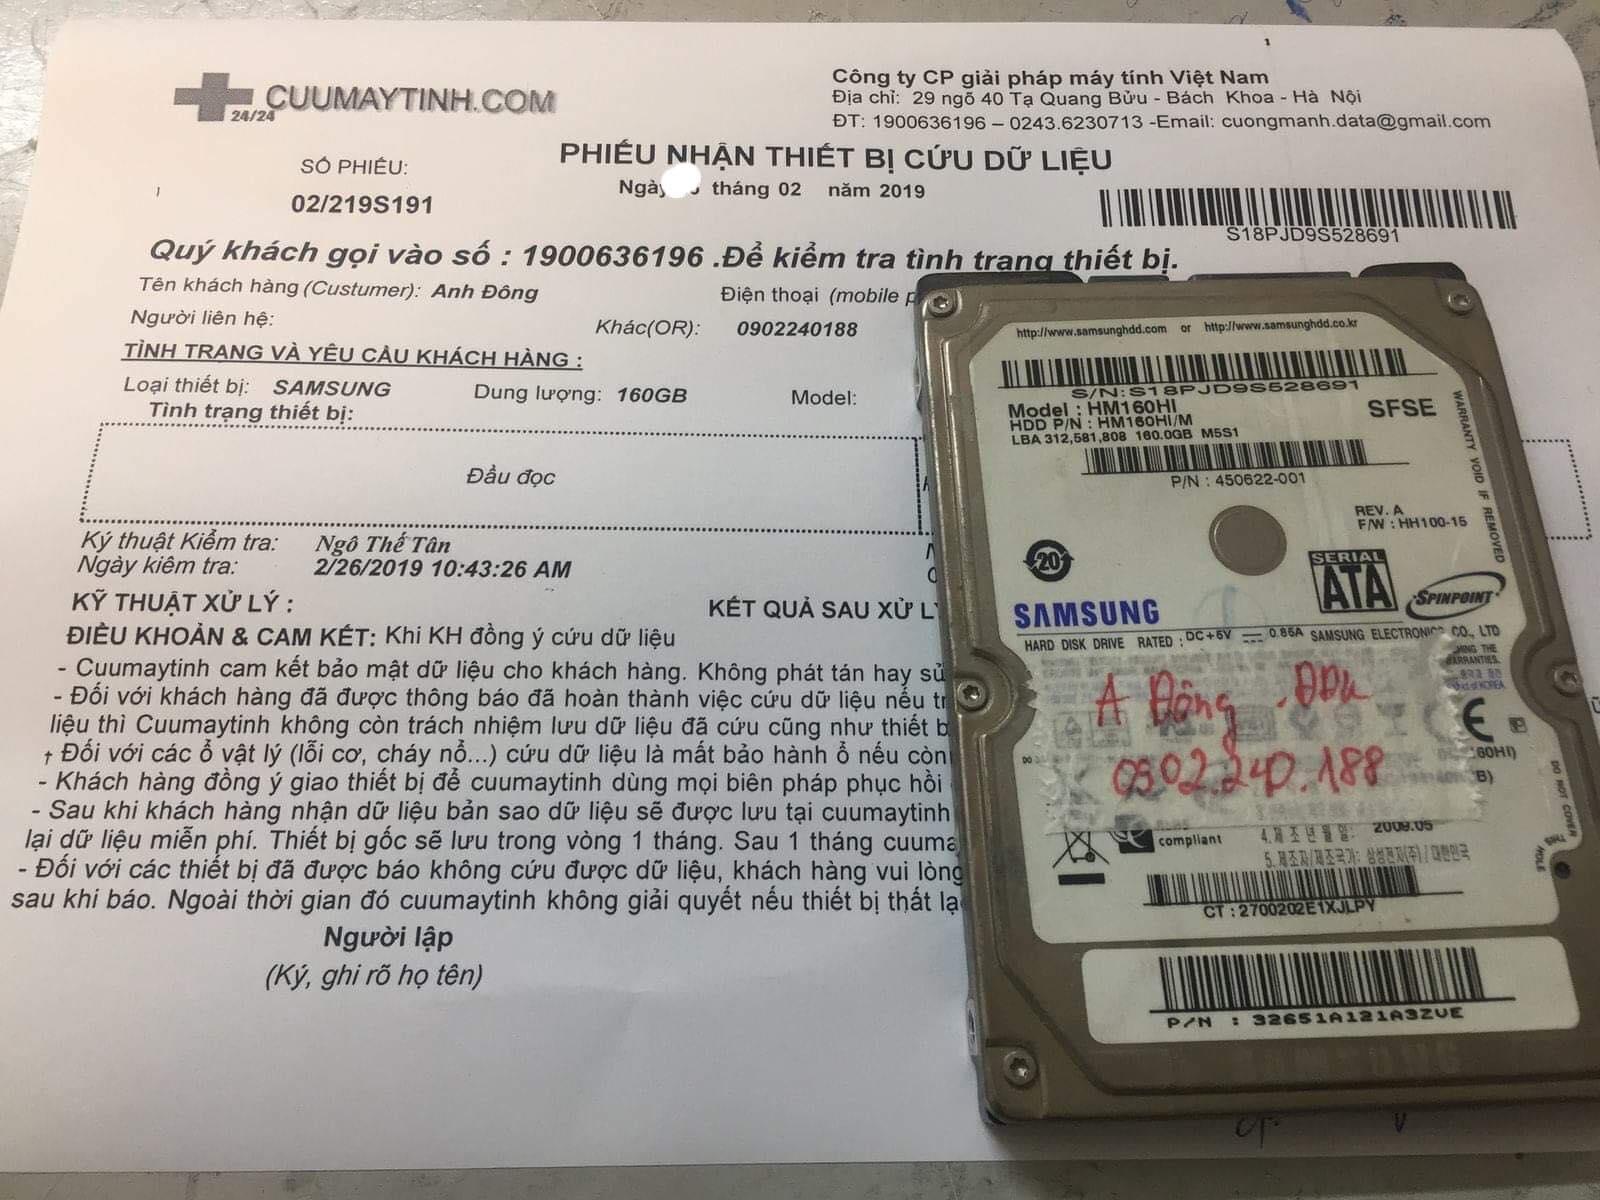 Cứu dữ liệu ổ cứng Samsung 160GB không nhận 28/02/2019 - cuumaytinh